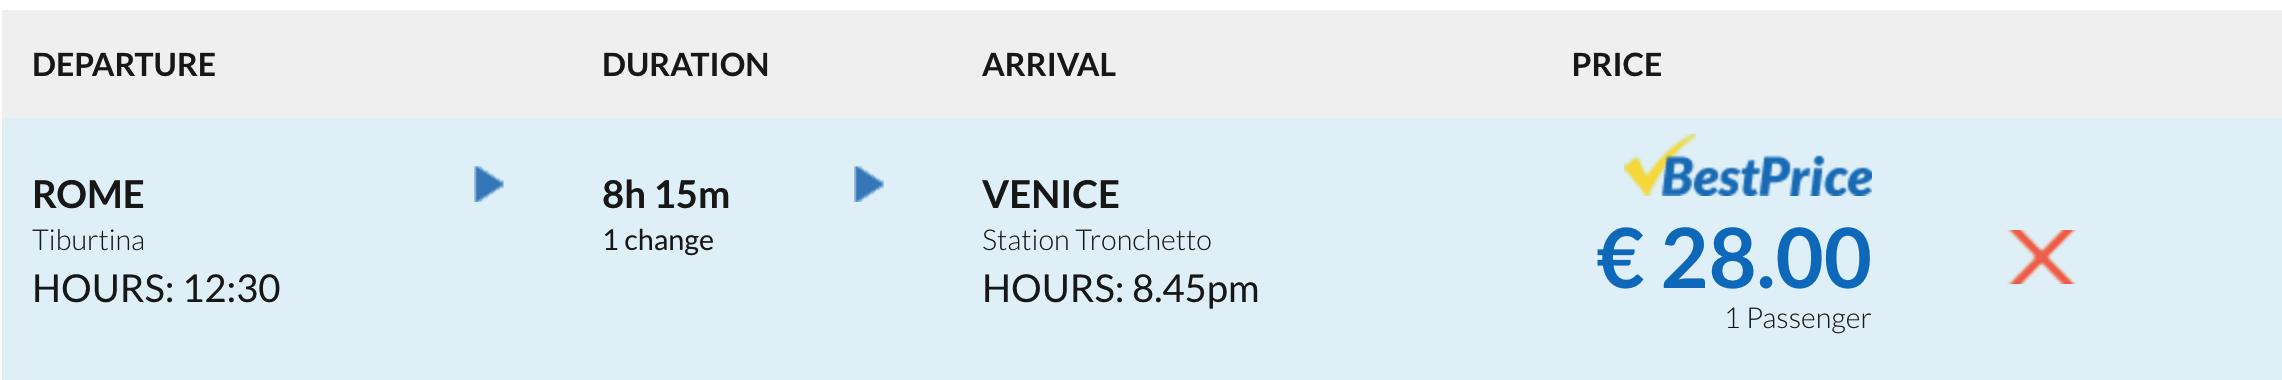 rome to venice bus euroline price